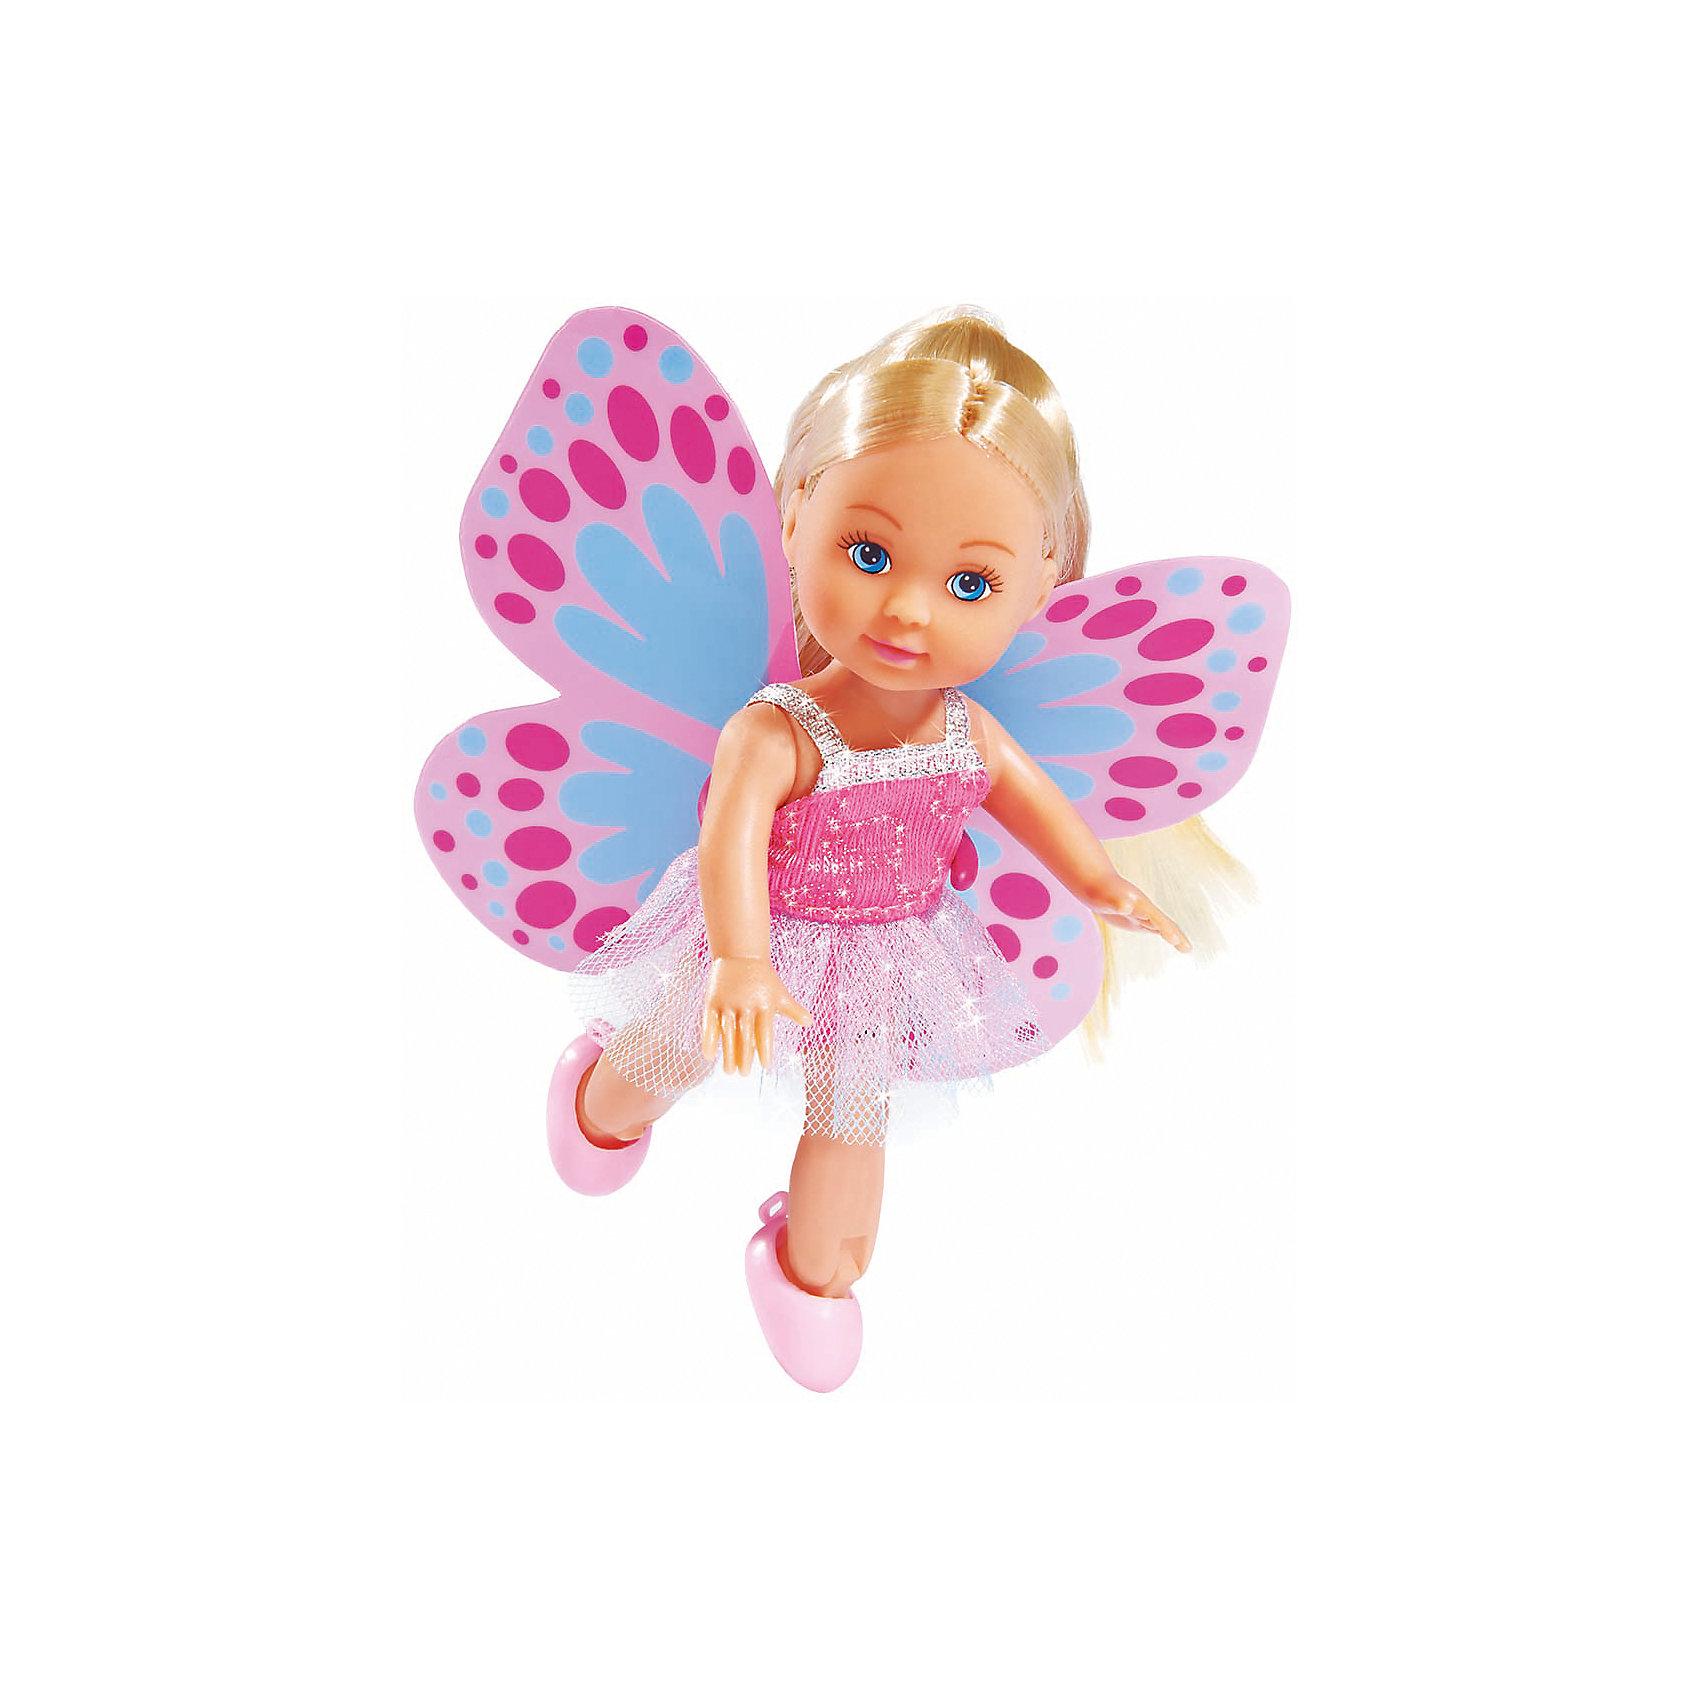 Кукла Еви в 3 образах: русалочка, принцесса, фея, SimbaSteffi и Evi Love<br>Характеристики товара:<br><br>- цвет: разноцветный;<br>- материал: пластик;<br>- возраст: от трех лет;<br>- комплектация: кукла, одежда, аксесуары;<br>- высота куклы: 12 см.<br><br>Эта симпатичная кукла Еви от известного бренда приводит детей в восторг! Какая девочка сможет отказаться поиграть с куклами, которые дополнены набором в виде трех компелектов для создания образа феи или русалочки?! В набор входят аксессуары для игр с куклой. Игрушка очень качественно выполнена, поэтому она станет замечательным подарком ребенку. <br>Продается набор в красивой удобной упаковке. Изделие произведено из высококачественного материала, безопасного для детей.<br><br>Куклу Еви в 3 образах: русалочка, принцесса, фея от бренда Simba можно купить в нашем интернет-магазине.<br><br>Ширина мм: 45<br>Глубина мм: 162<br>Высота мм: 181<br>Вес г: 125<br>Возраст от месяцев: 36<br>Возраст до месяцев: 120<br>Пол: Женский<br>Возраст: Детский<br>SKU: 5119518